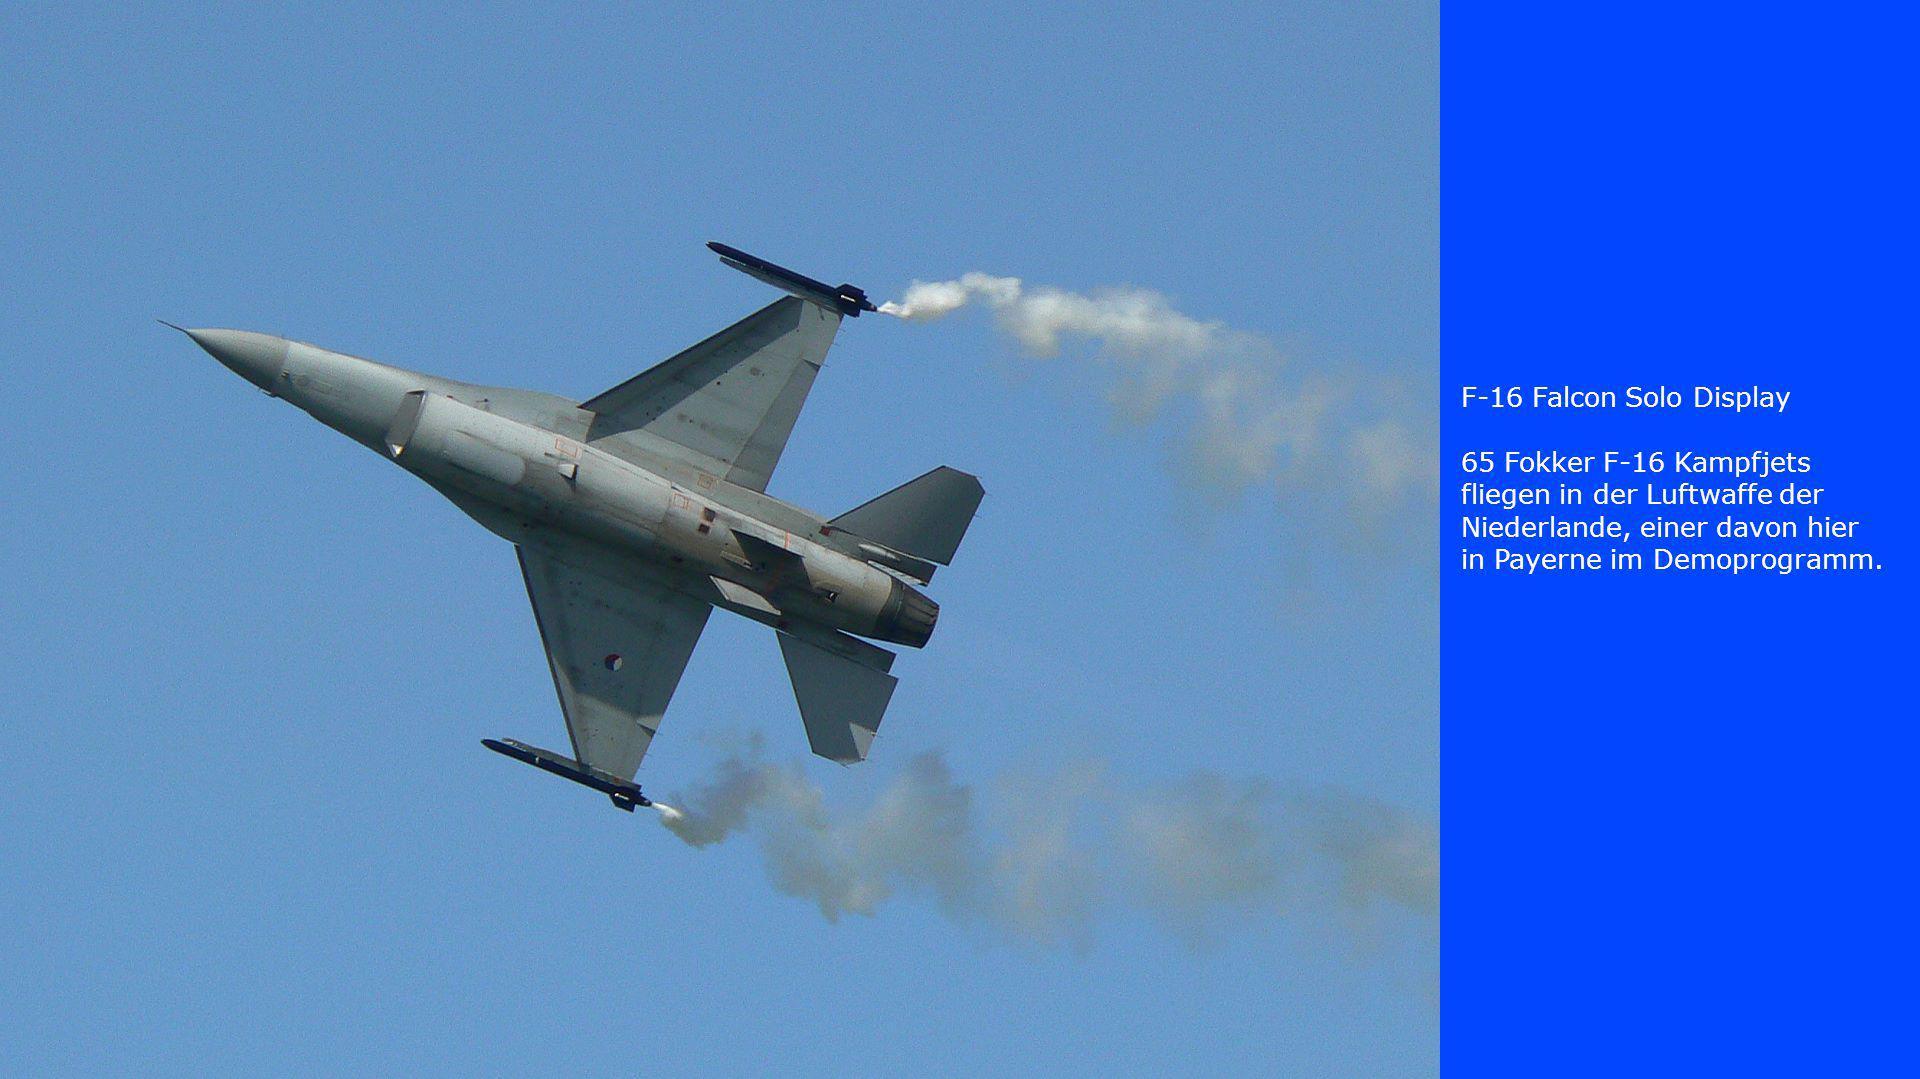 F-16 Falcon Solo Display 65 Fokker F-16 Kampfjets fliegen in der Luftwaffe der Niederlande, einer davon hier in Payerne im Demoprogramm.